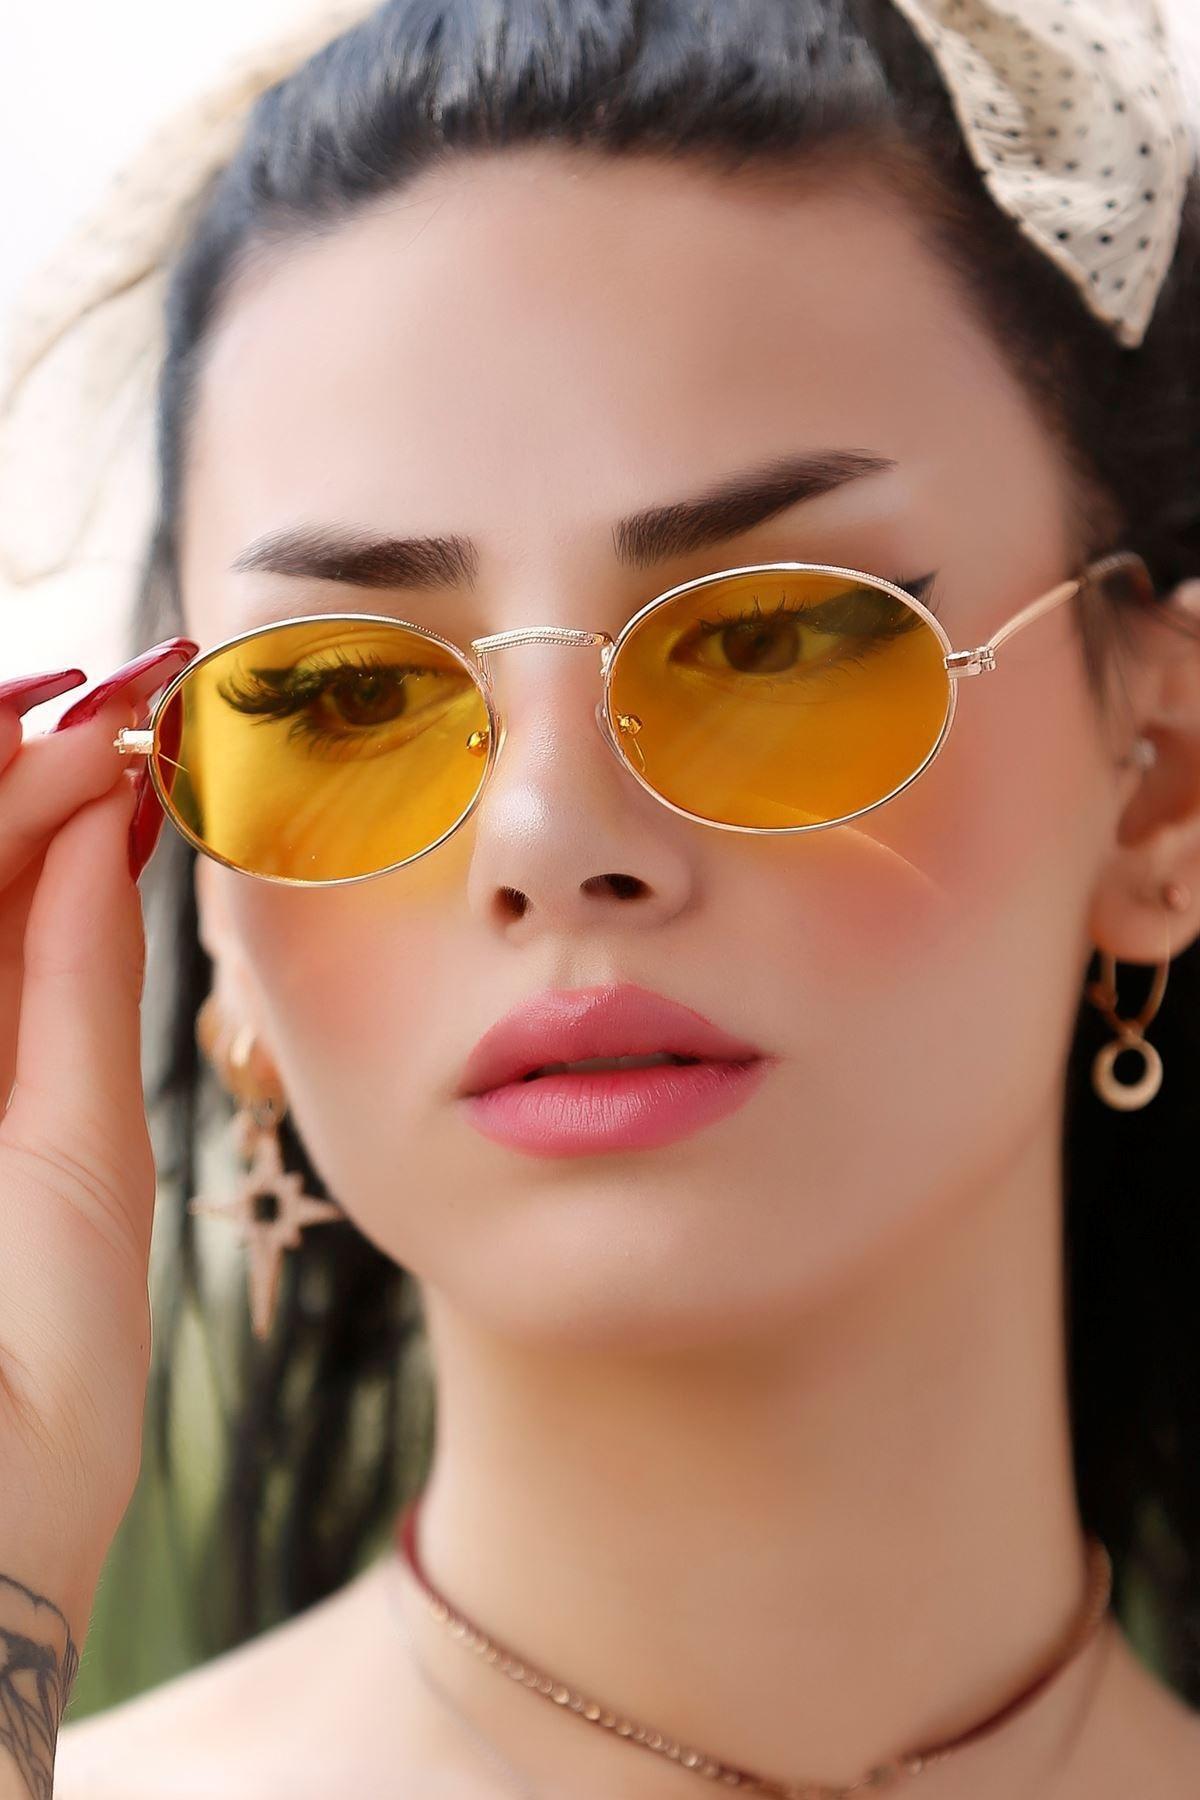 Haydigiy Gözlük Sarı - 4256.1100. 2